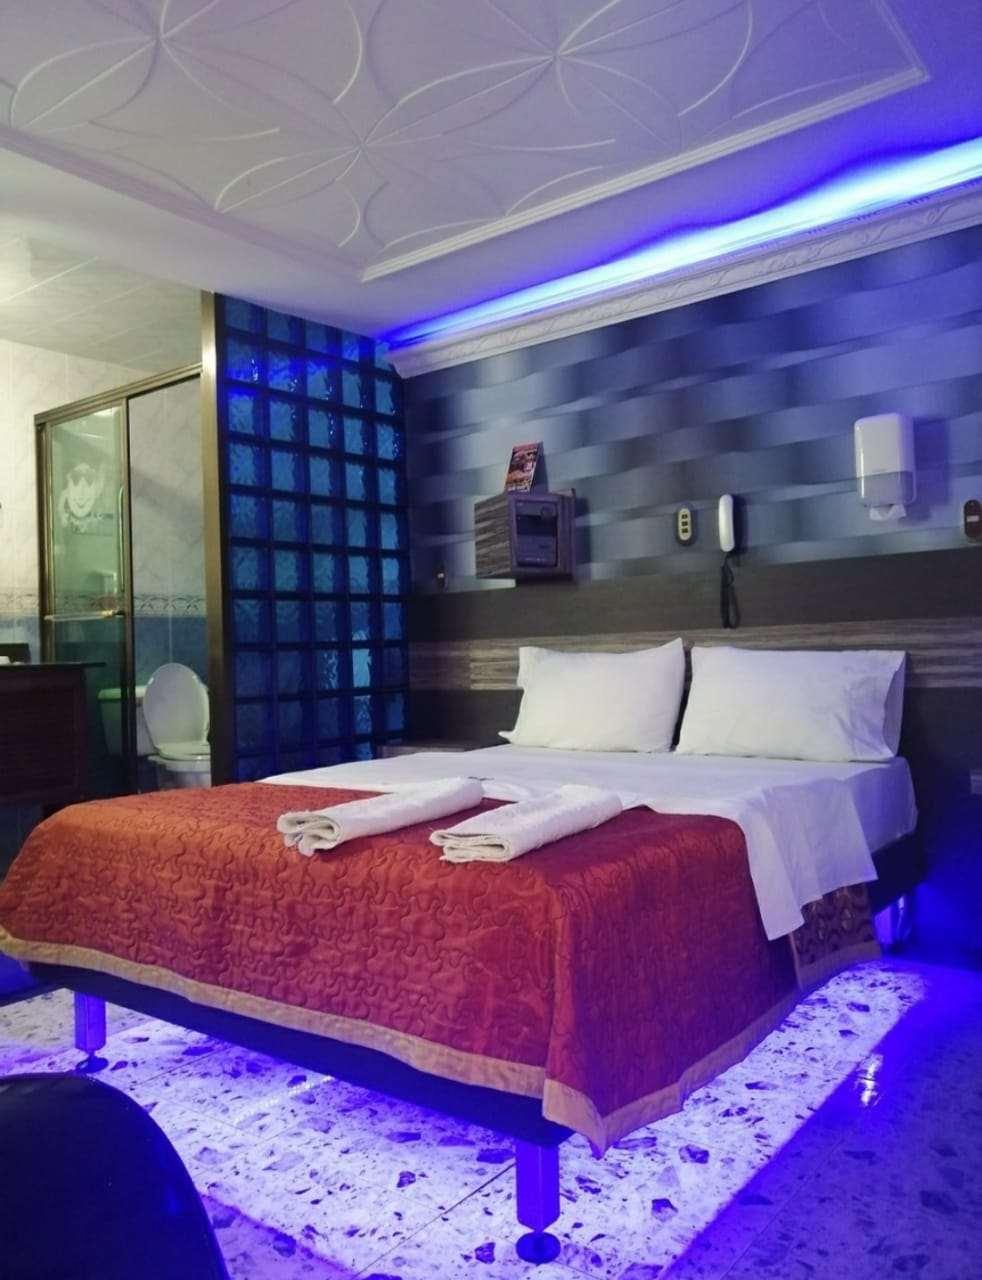 Habitación Sencilla con Silla del amor en Mar Azul : MotelNow